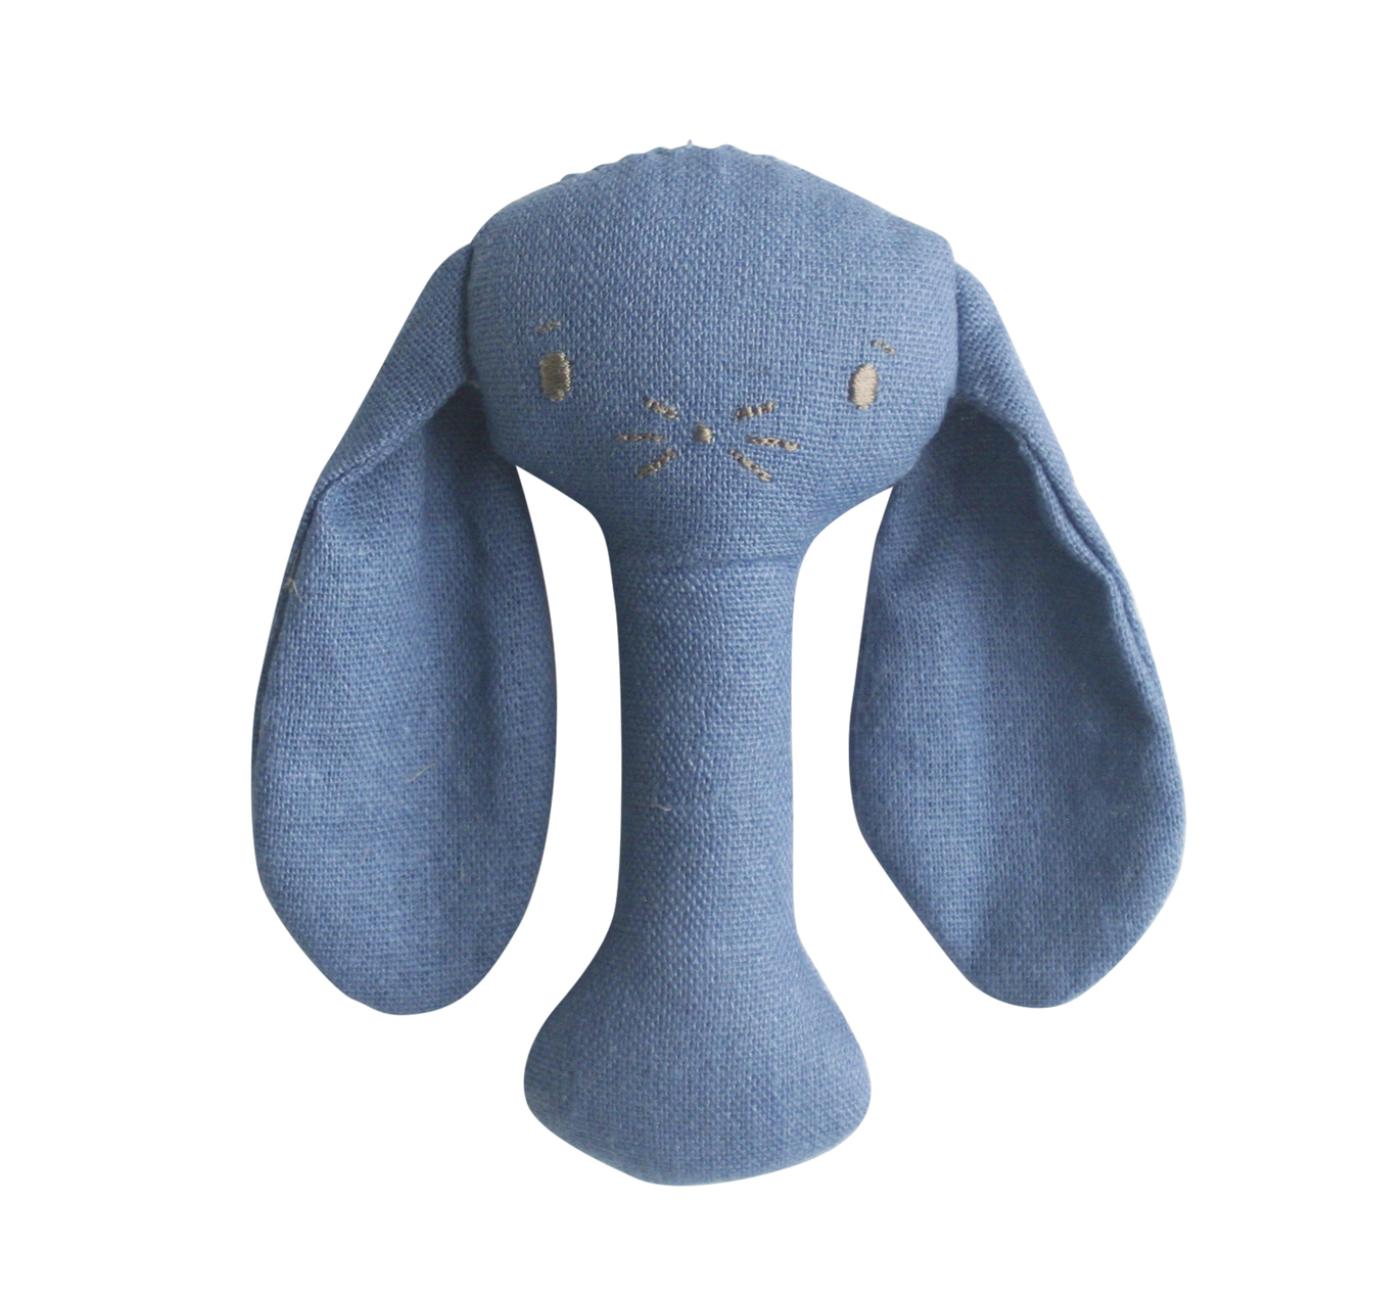 Alimrose Bunny Stick Rattle - Chambray